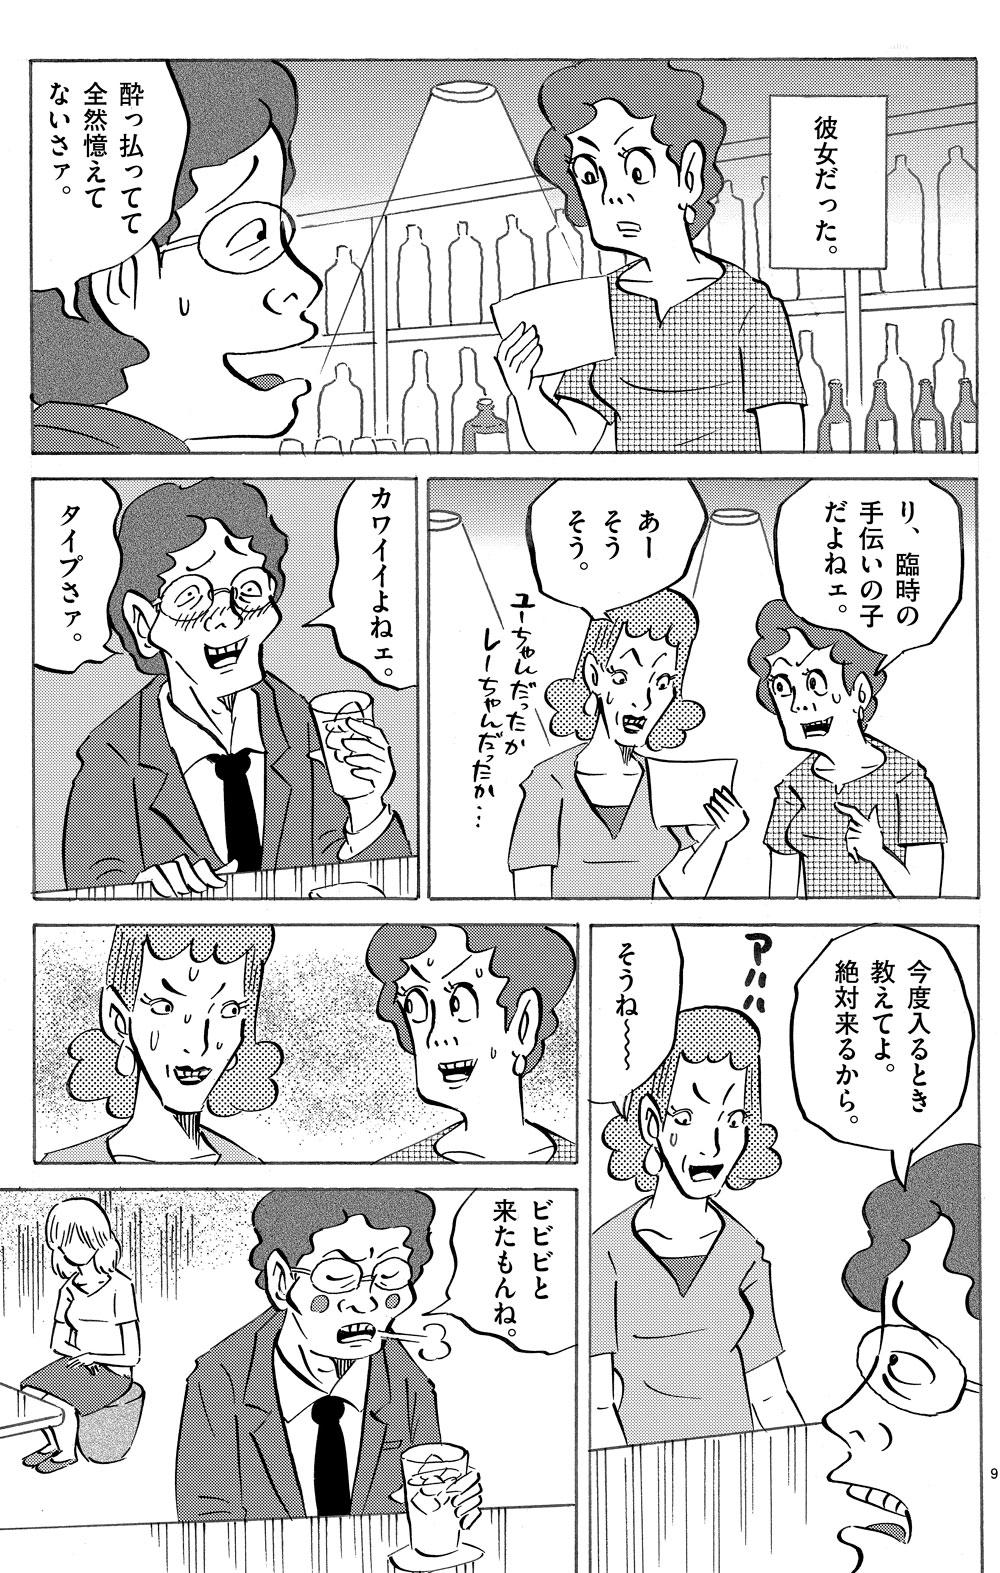 琉球怪談 【第4話】WEB掲載9ページ目画像